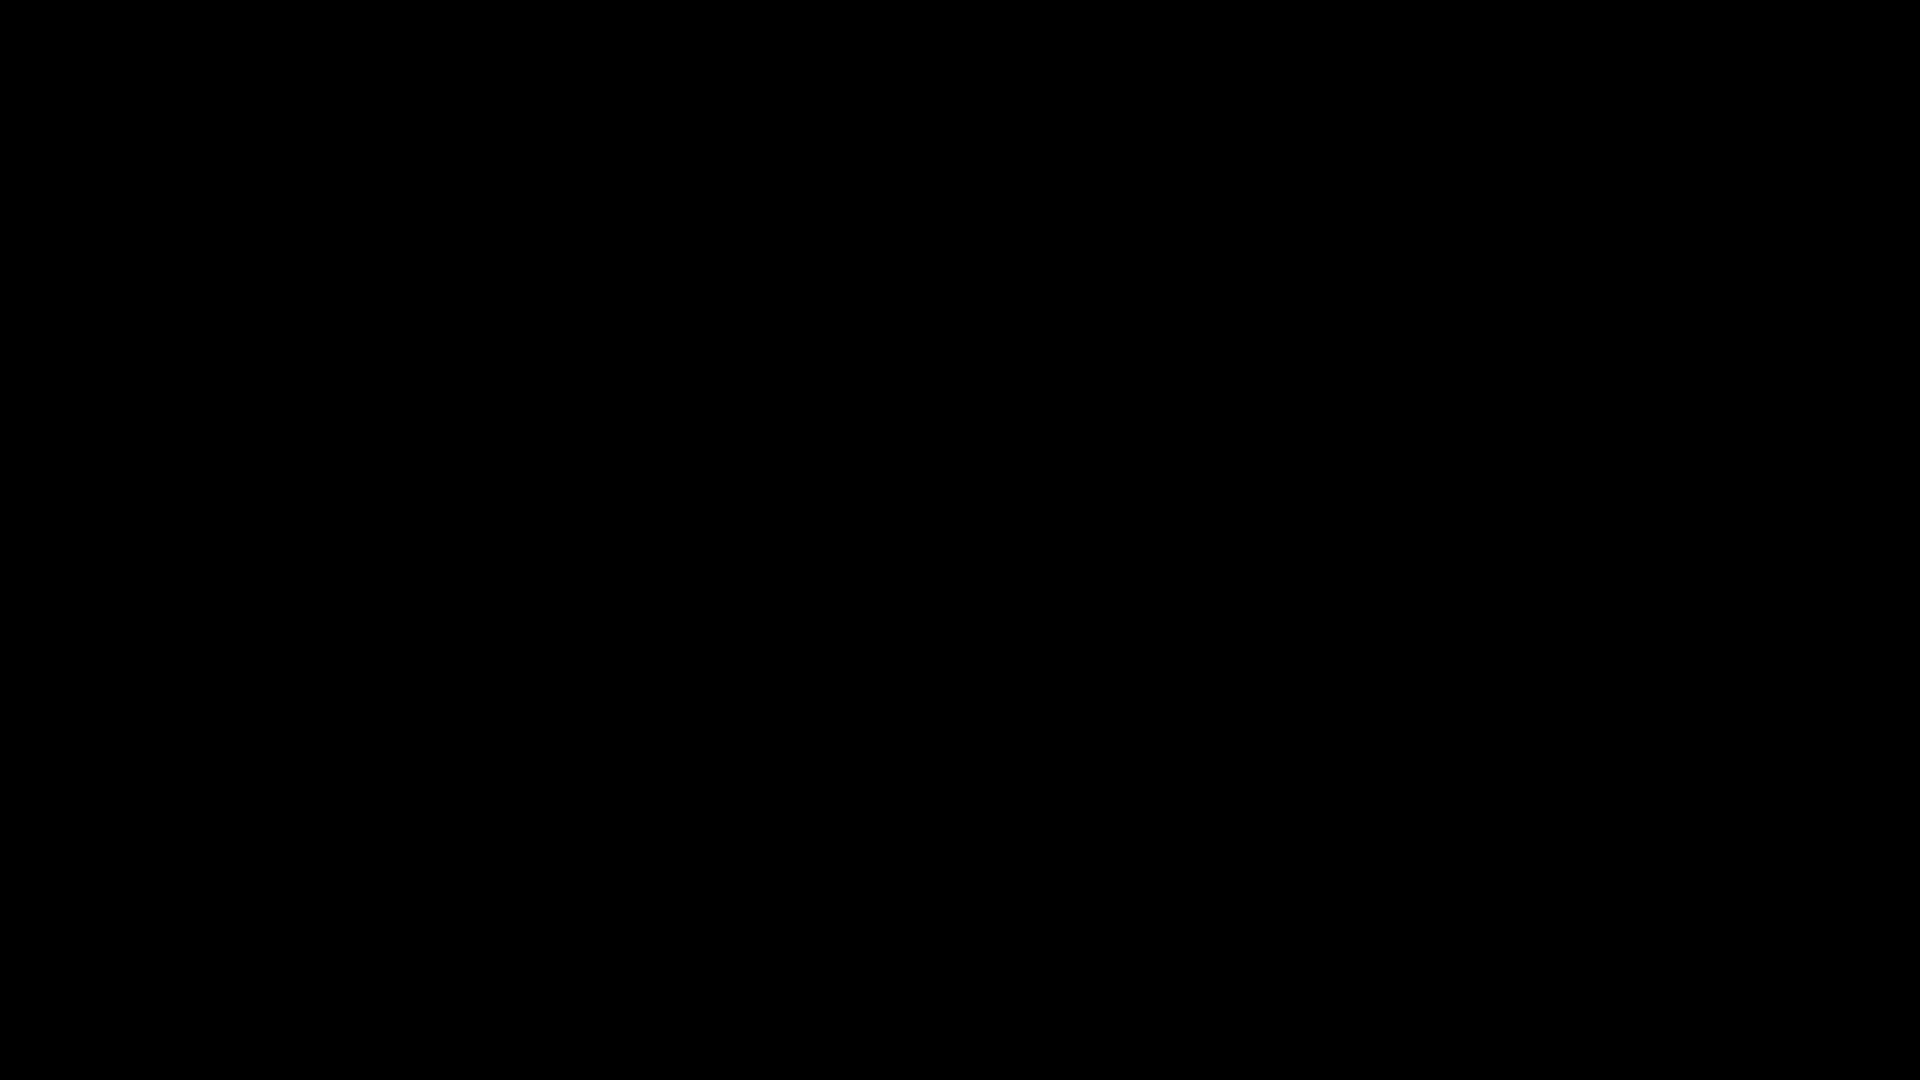 Venta al por mayor grande o pequeño engranaje cónico helicoidal